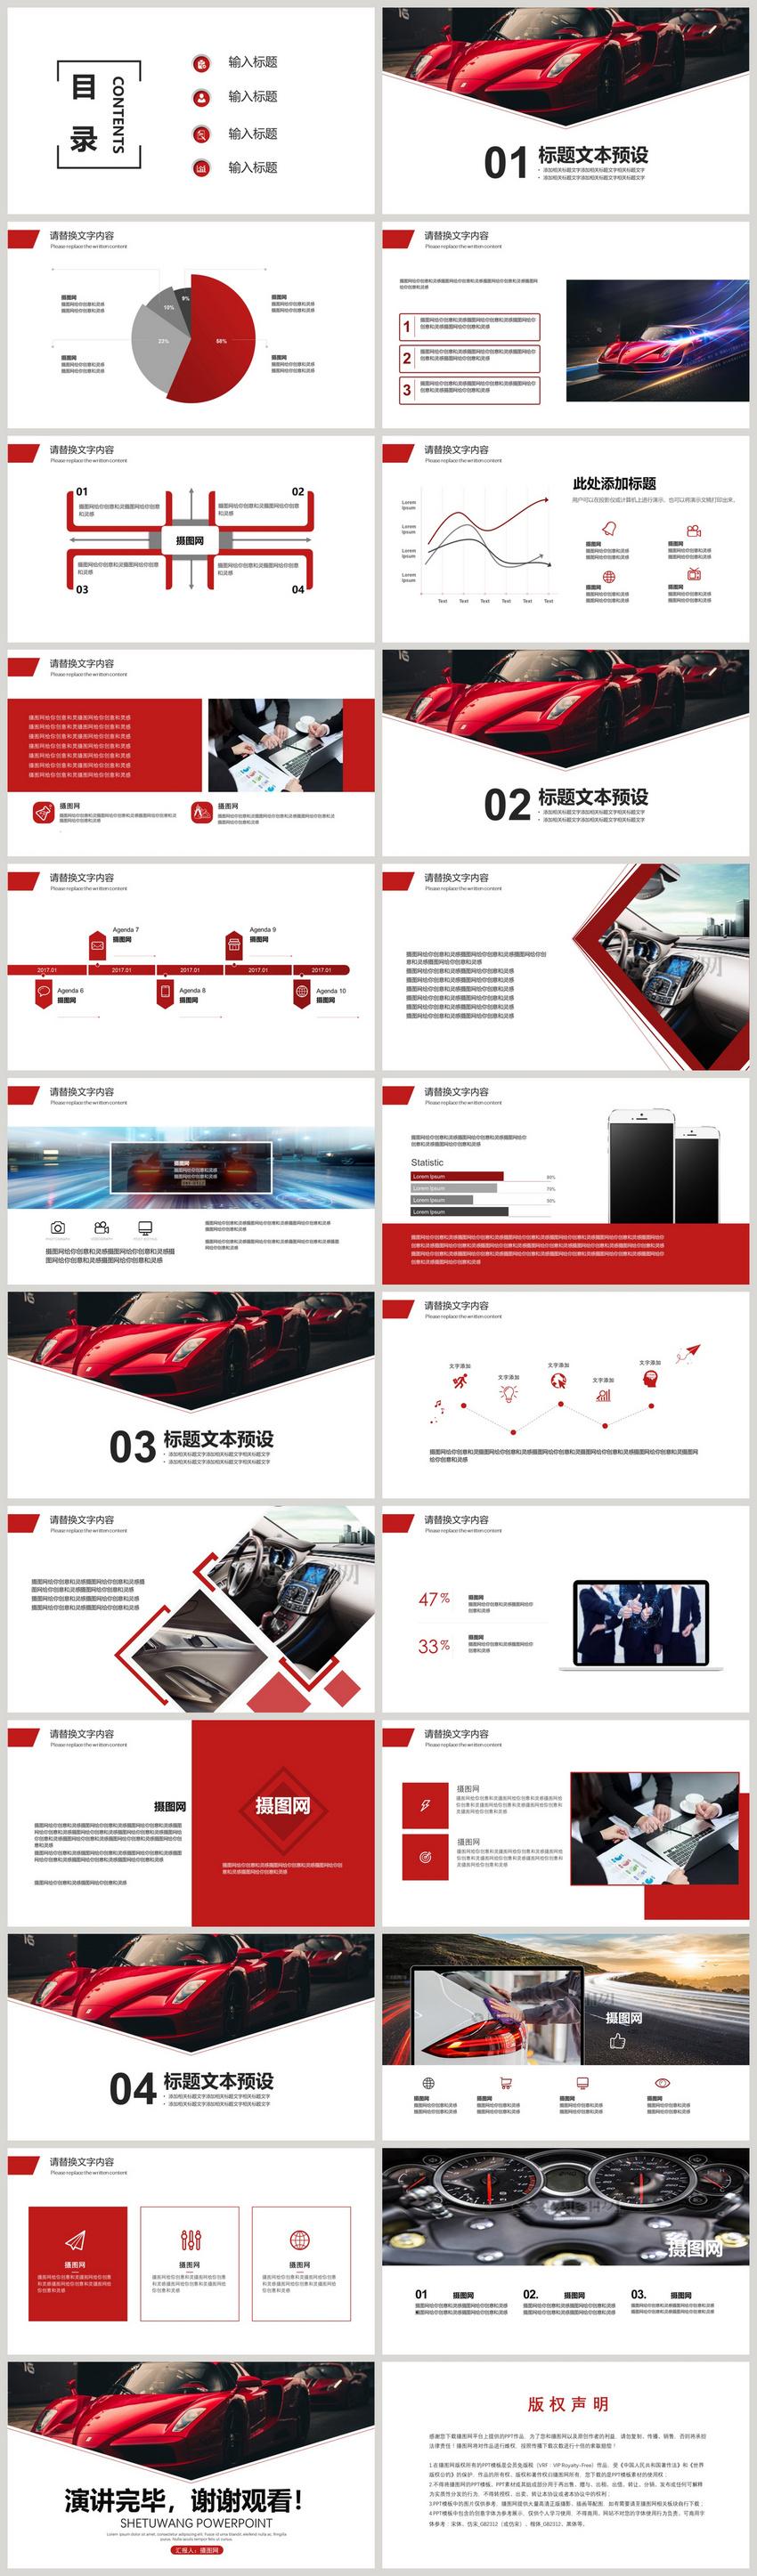 Template Ringkasan Kerja Industri Otomotif Atmosfer Gambar Unduh Gratis Power Point 400103908 Format Gambar Pptx Lovepik Com